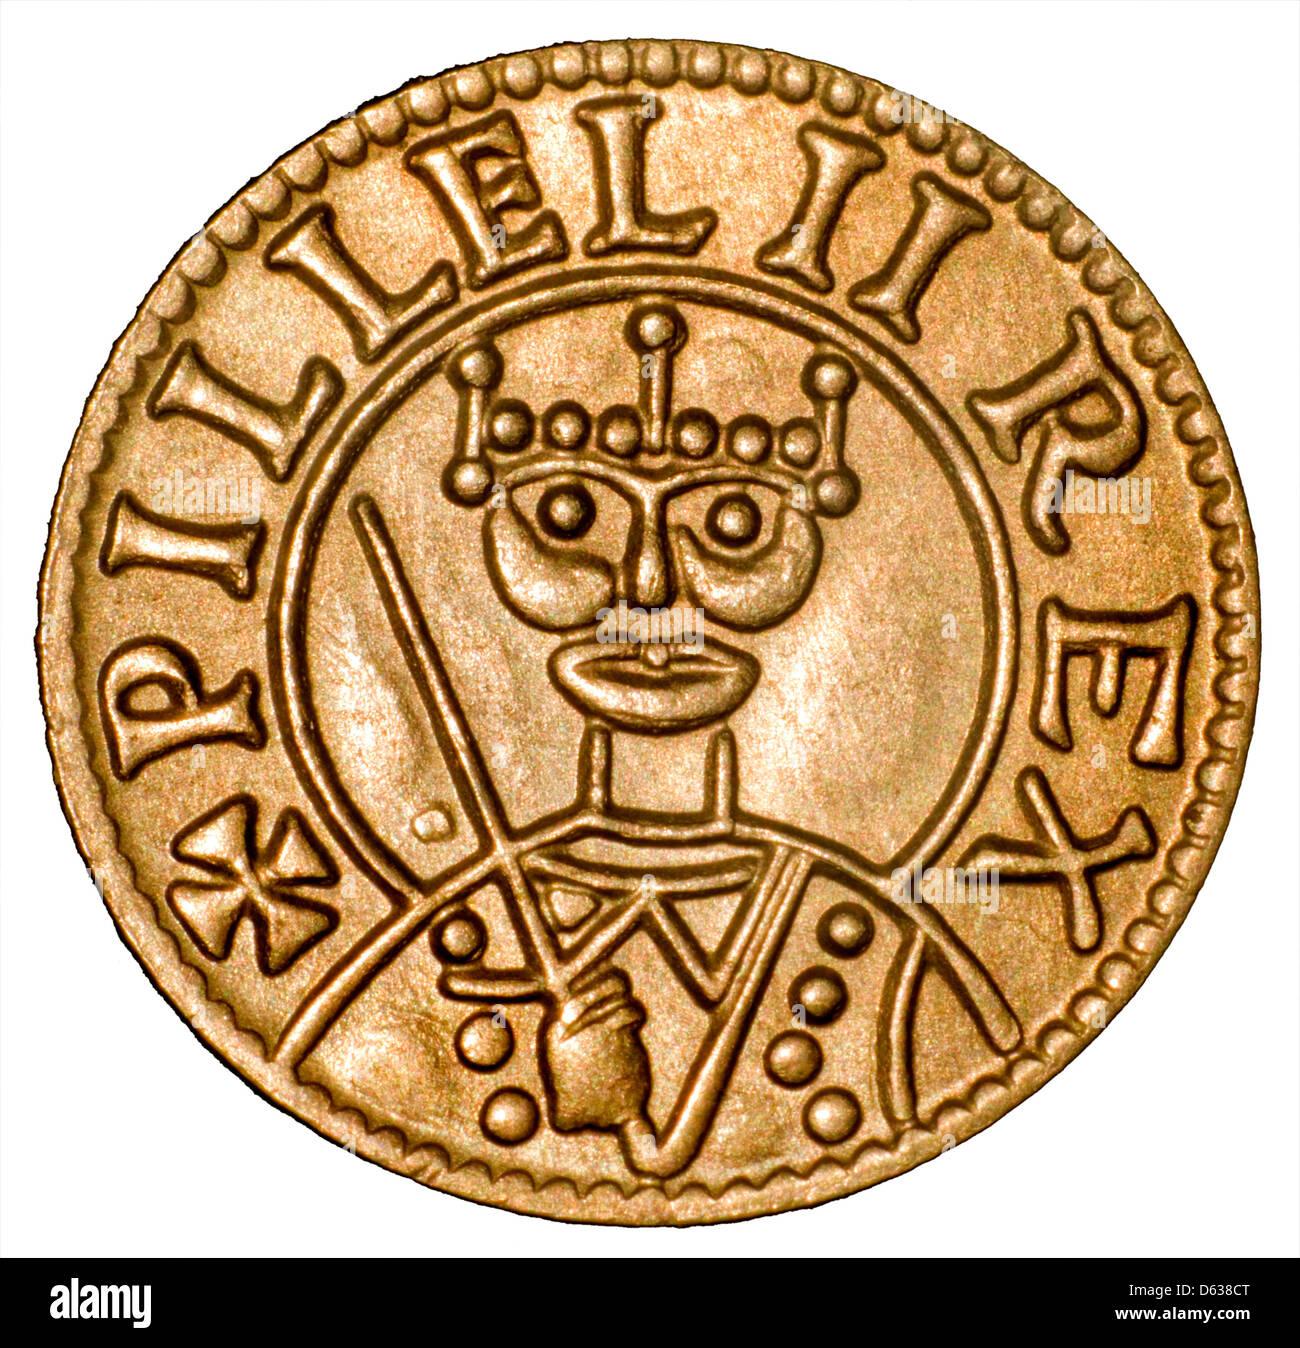 Coin of William I (the Conqueror) Replica - Stock Image